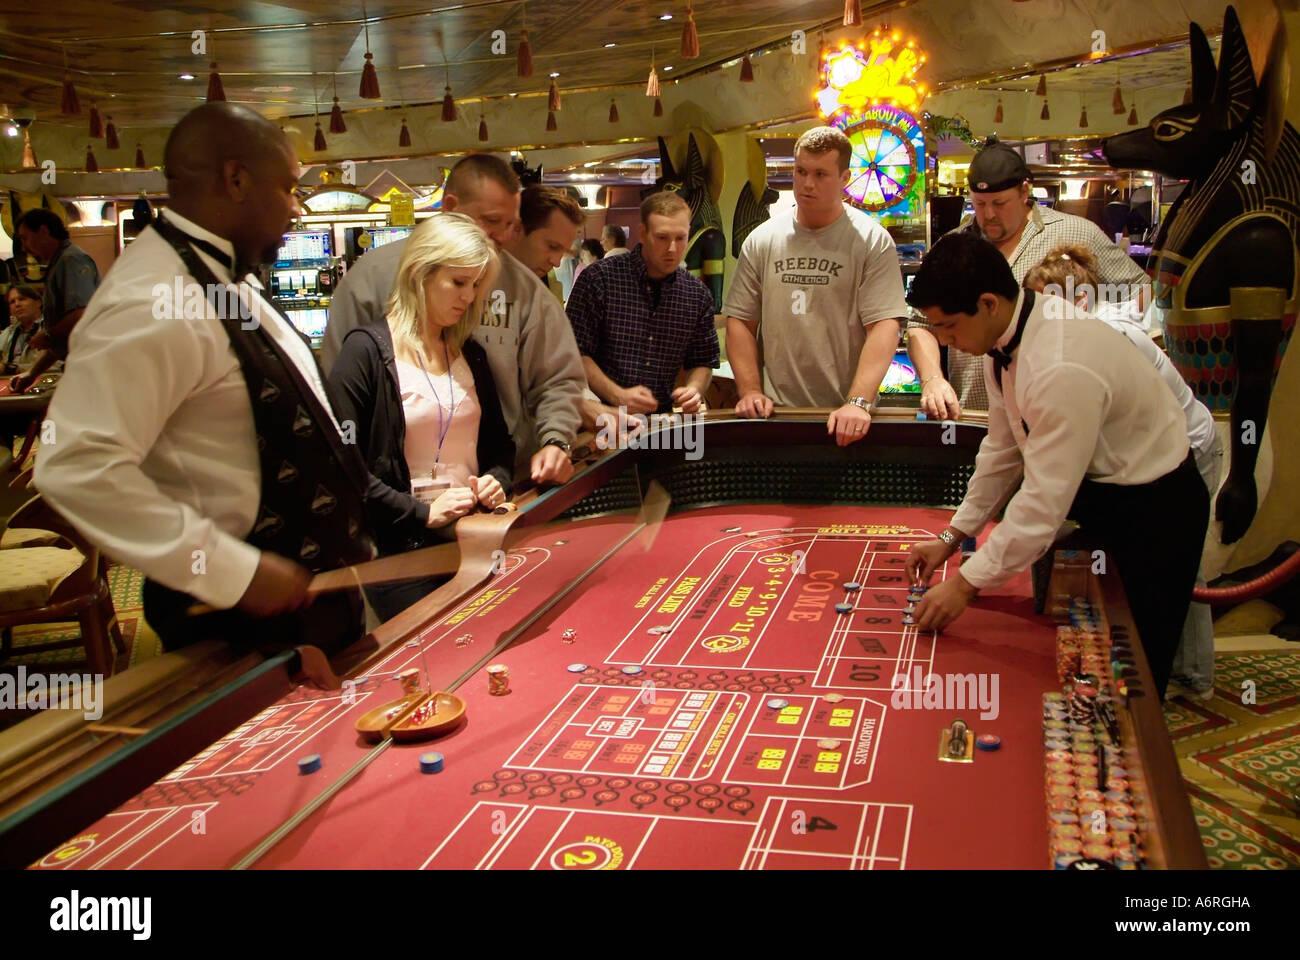 Money roulette